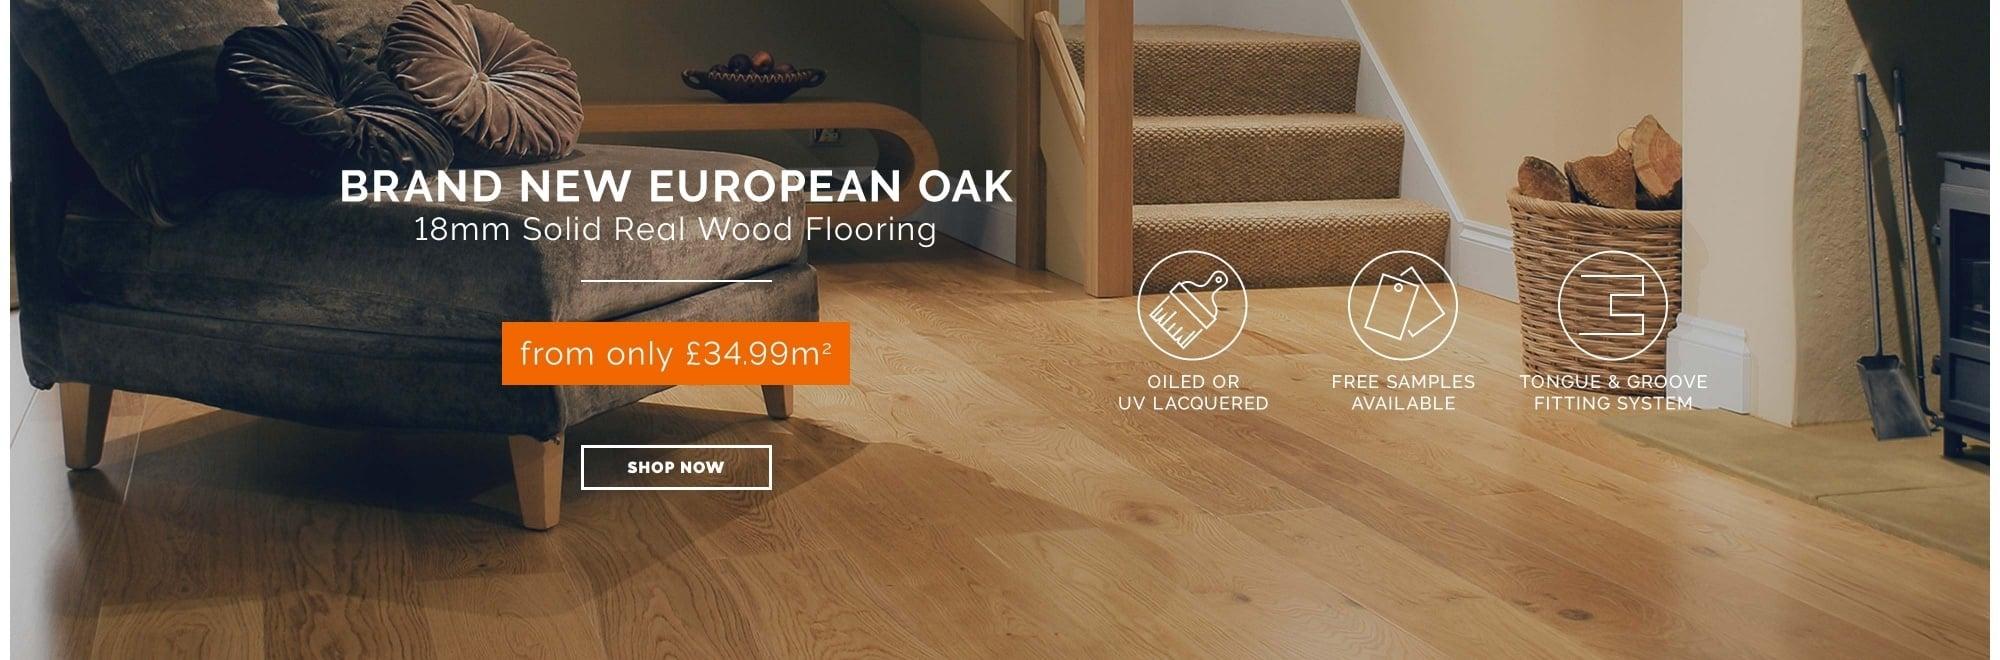 18mm Solid Real Wood European Oak flooring